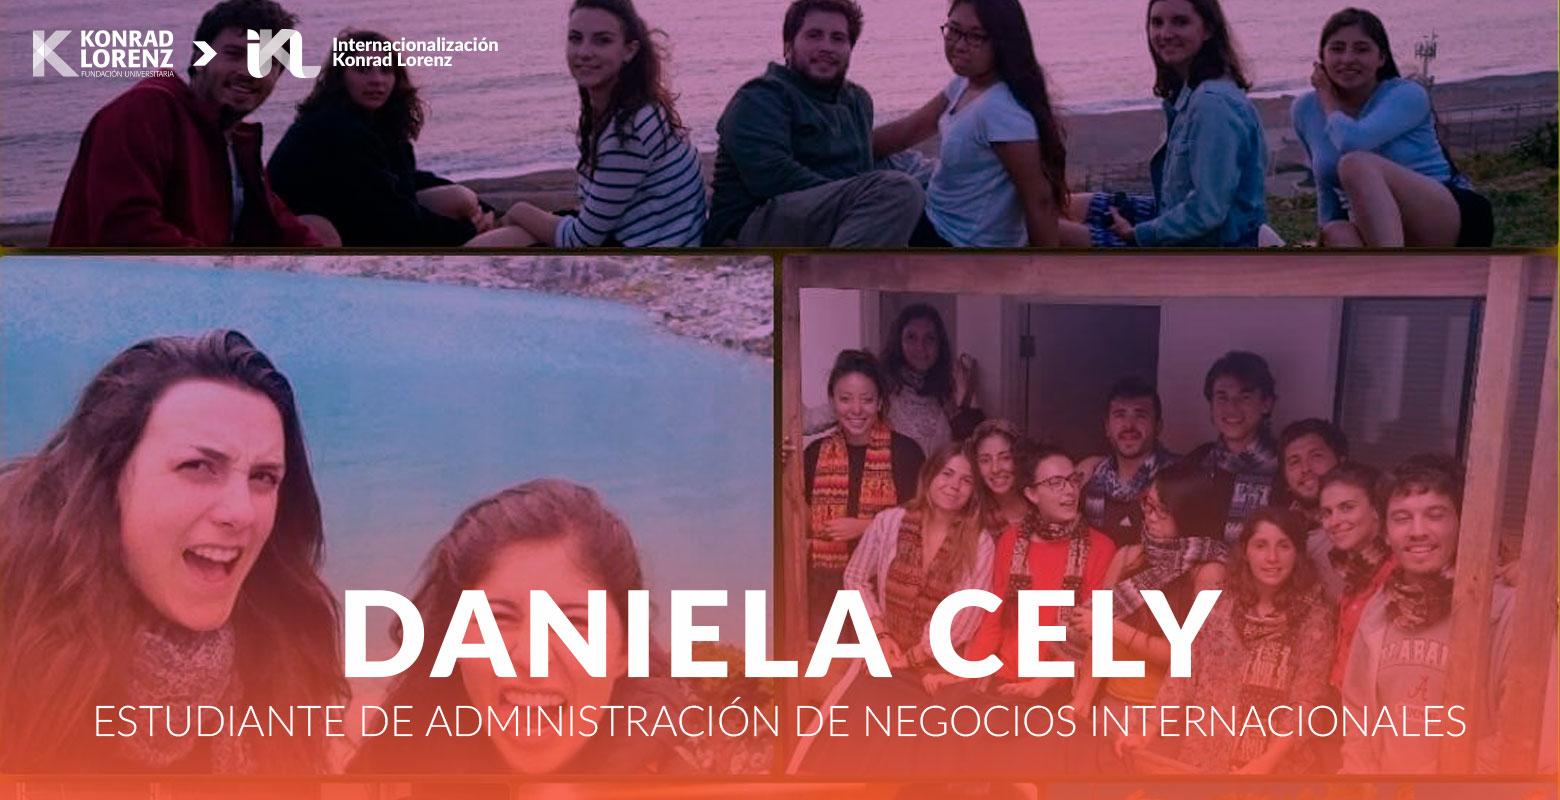 Daniela Cely